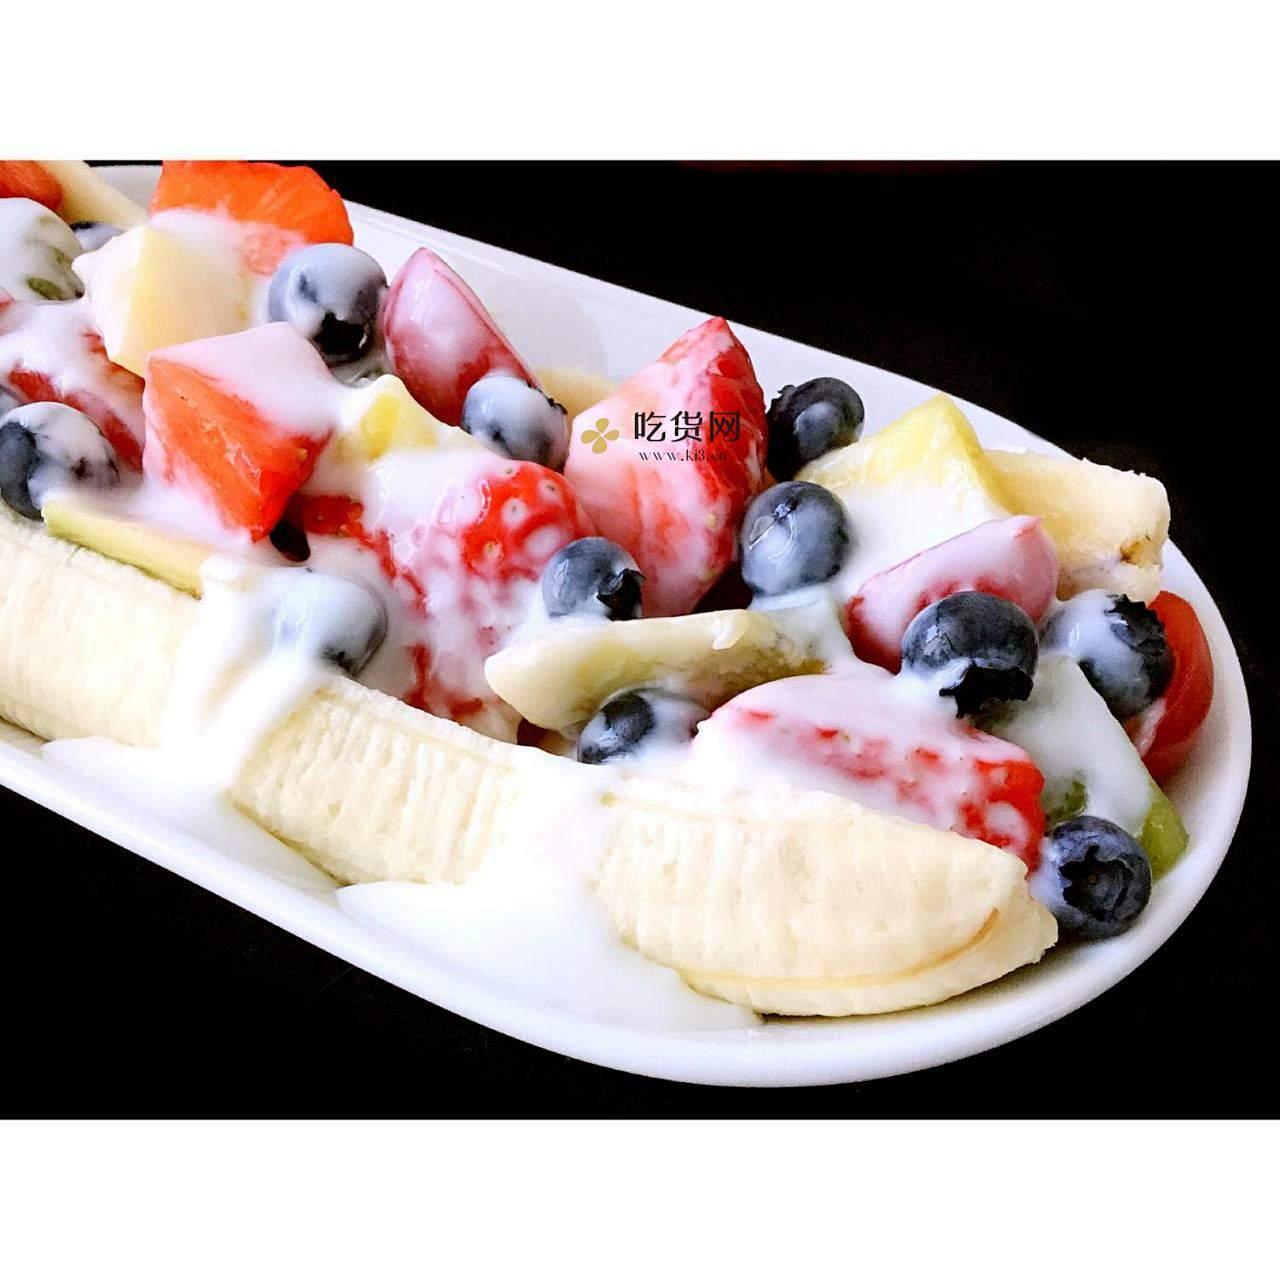 水果酸奶香蕉船的做法 步骤4